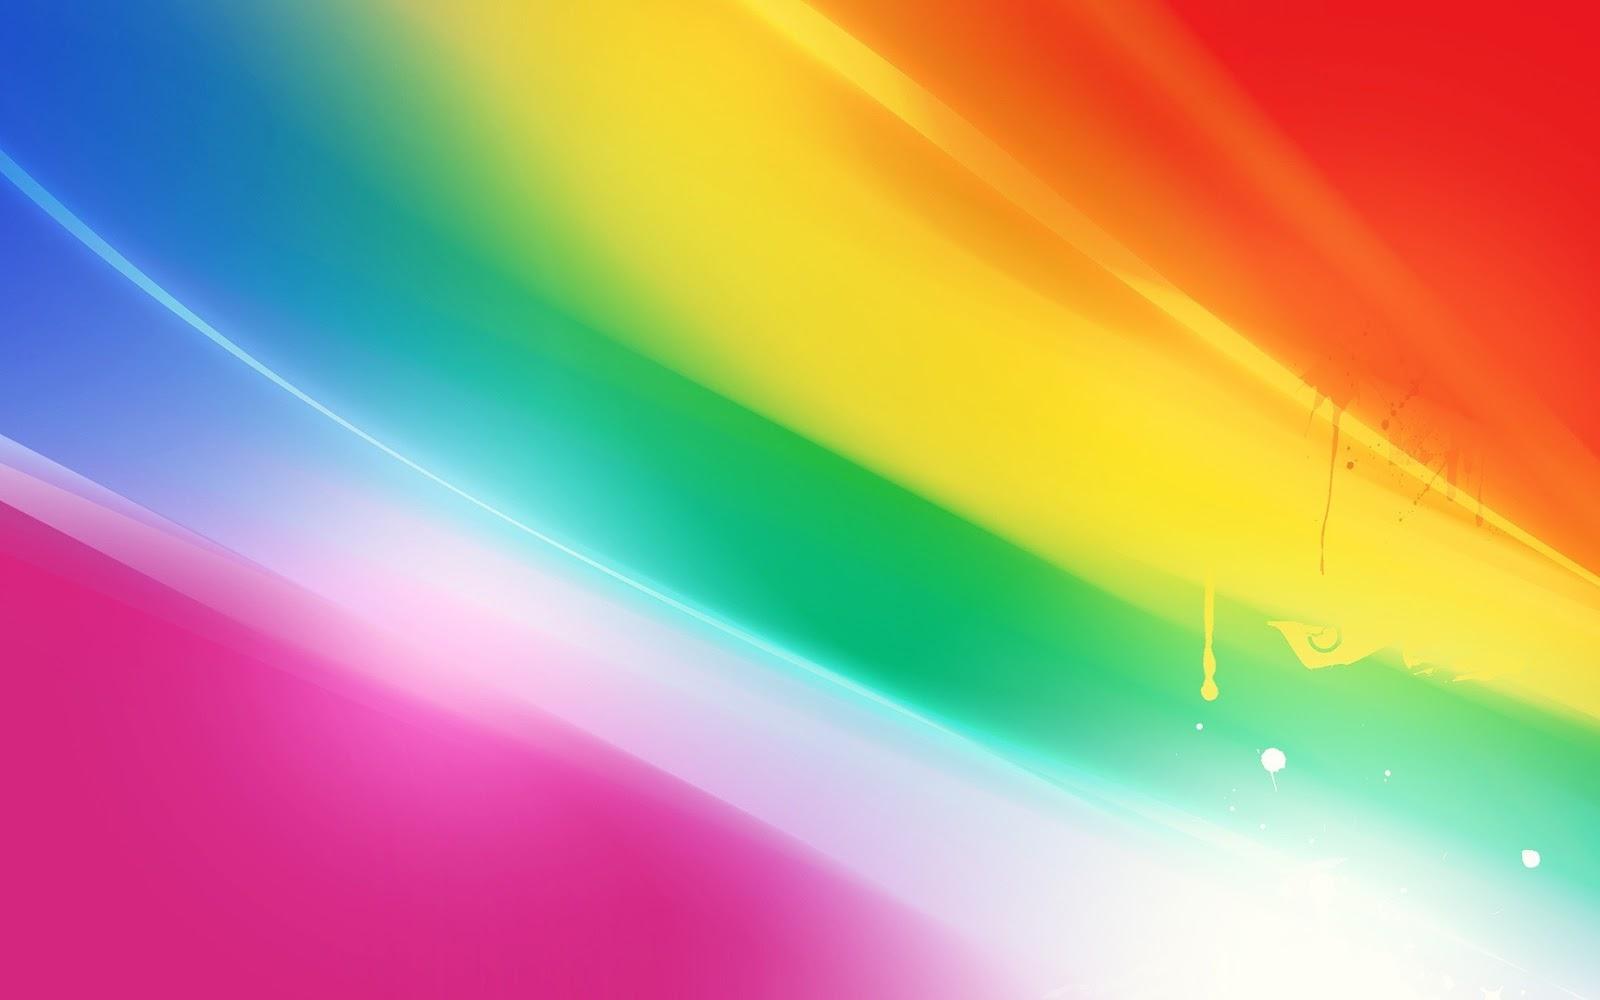 gratis abstracte kleuren wallpapers - photo #8